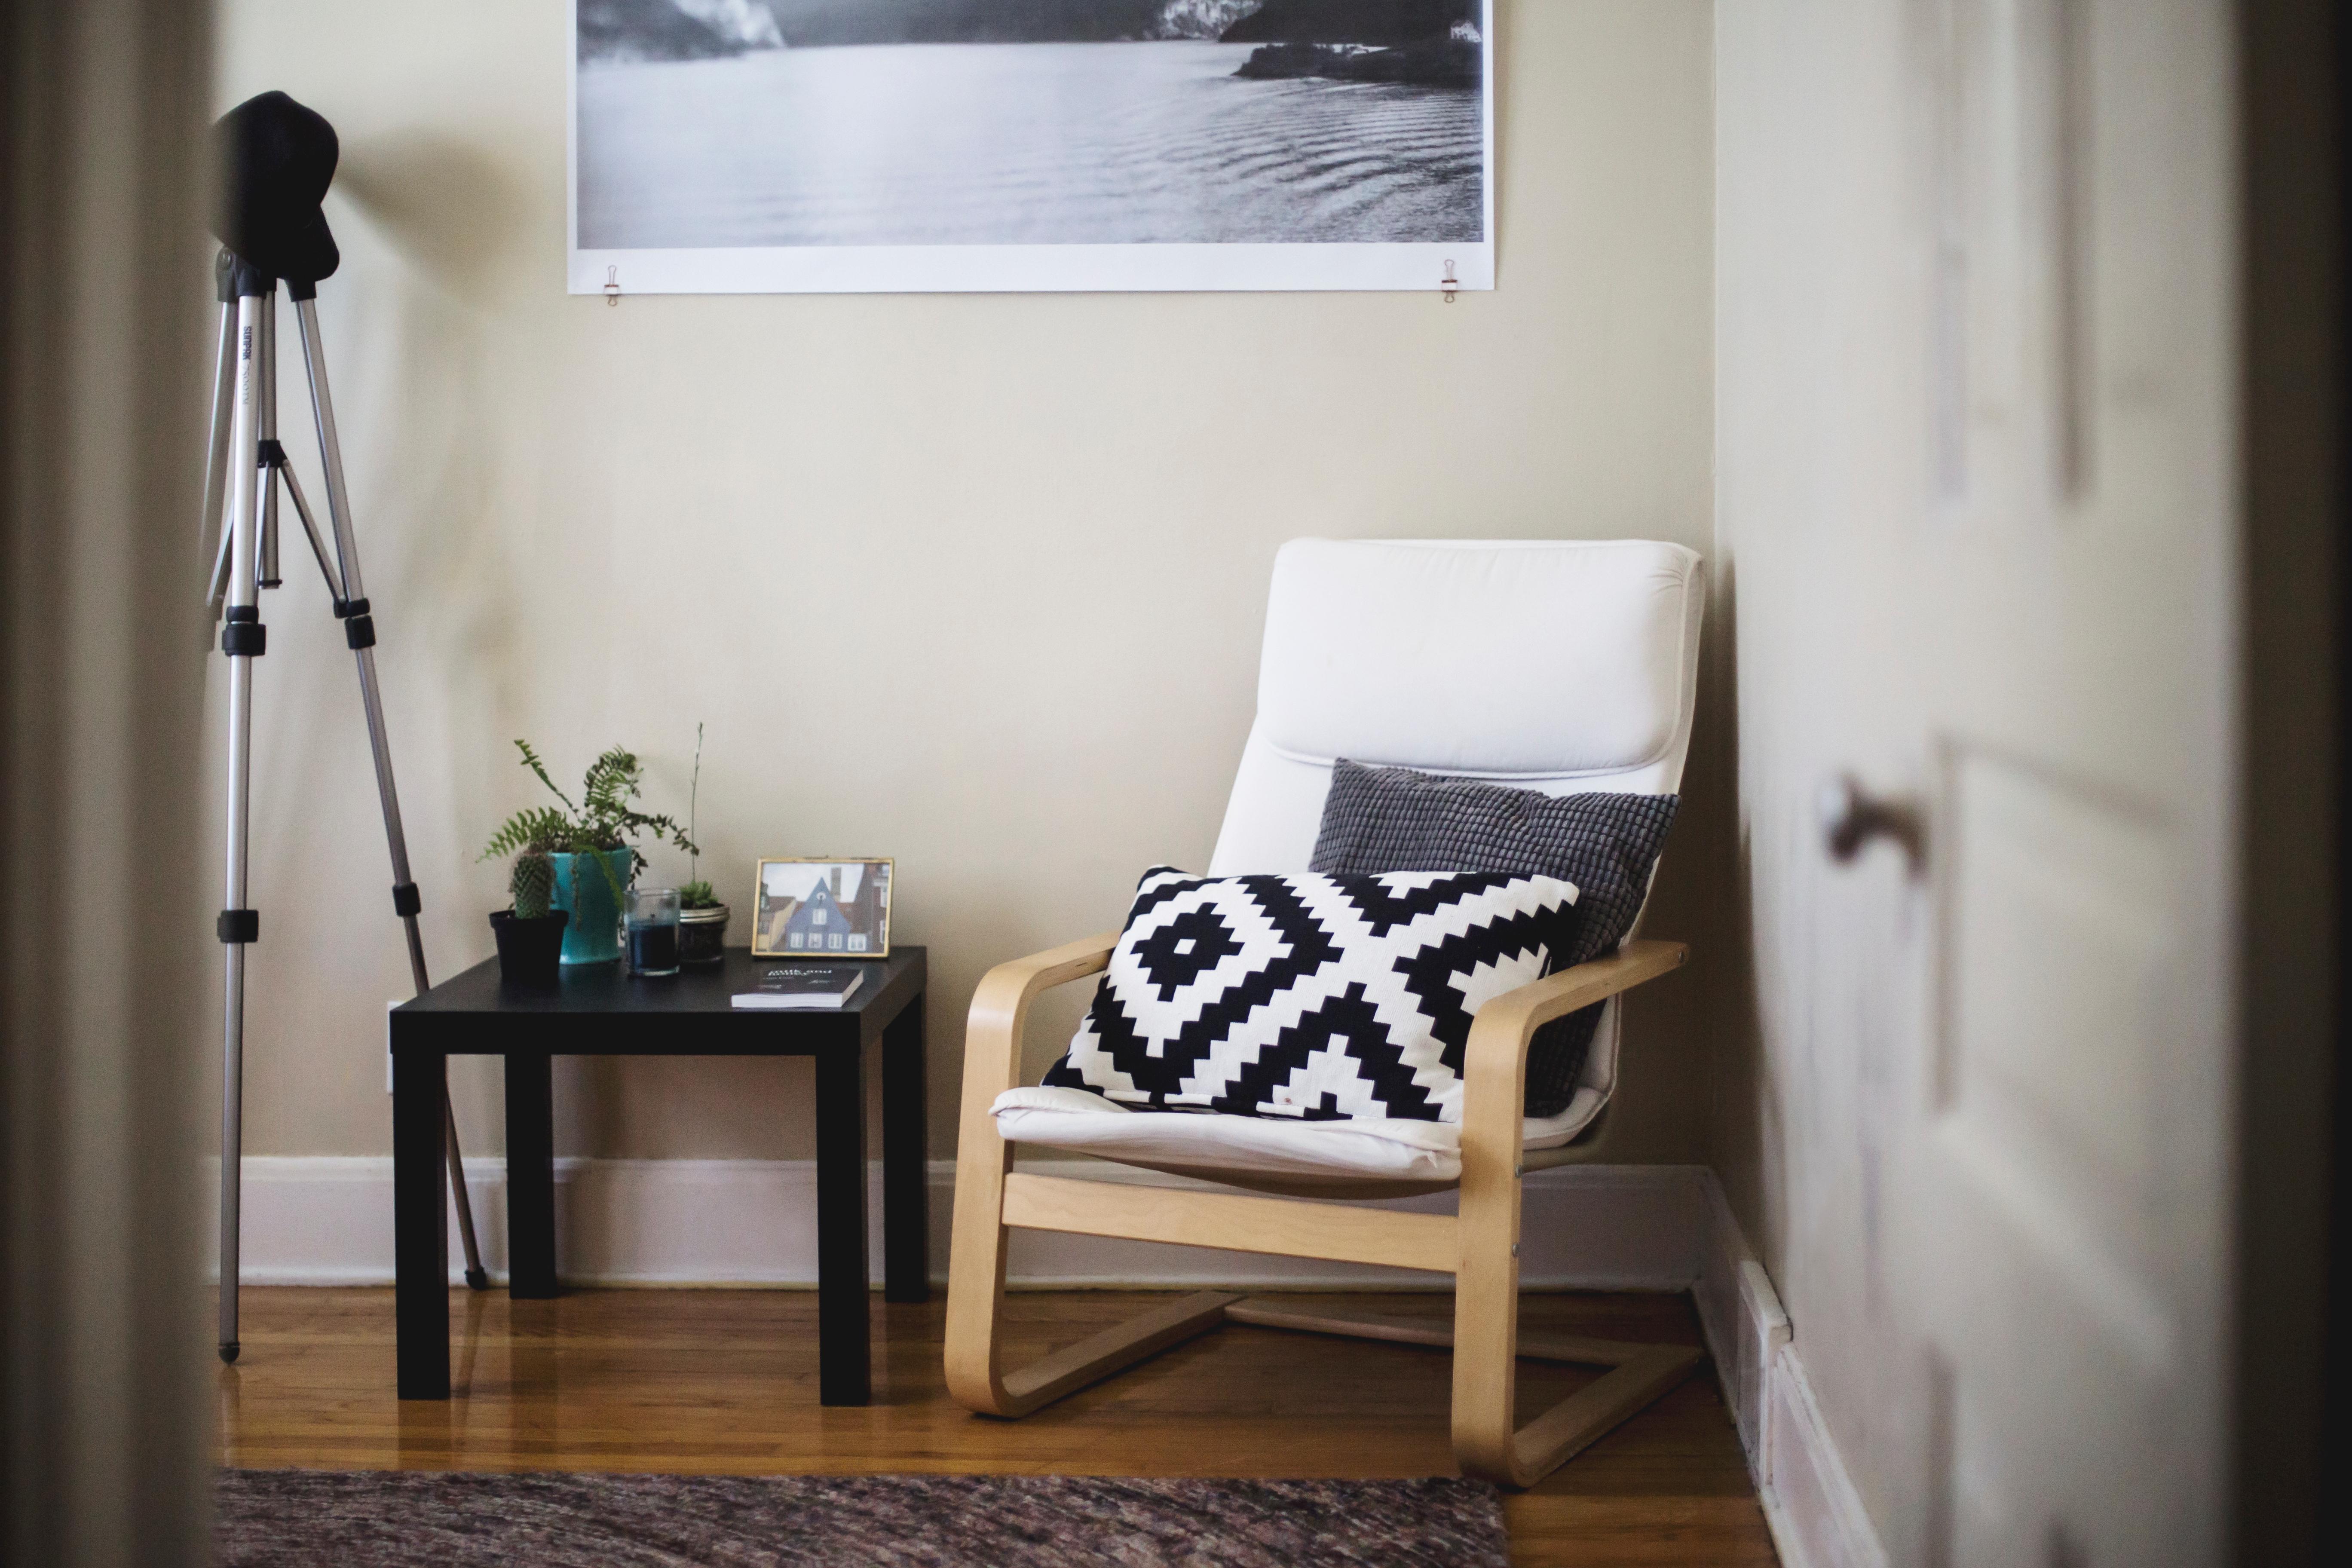 Immagini Belle : legna, casa, pavimento, Cottage, proprietà ...